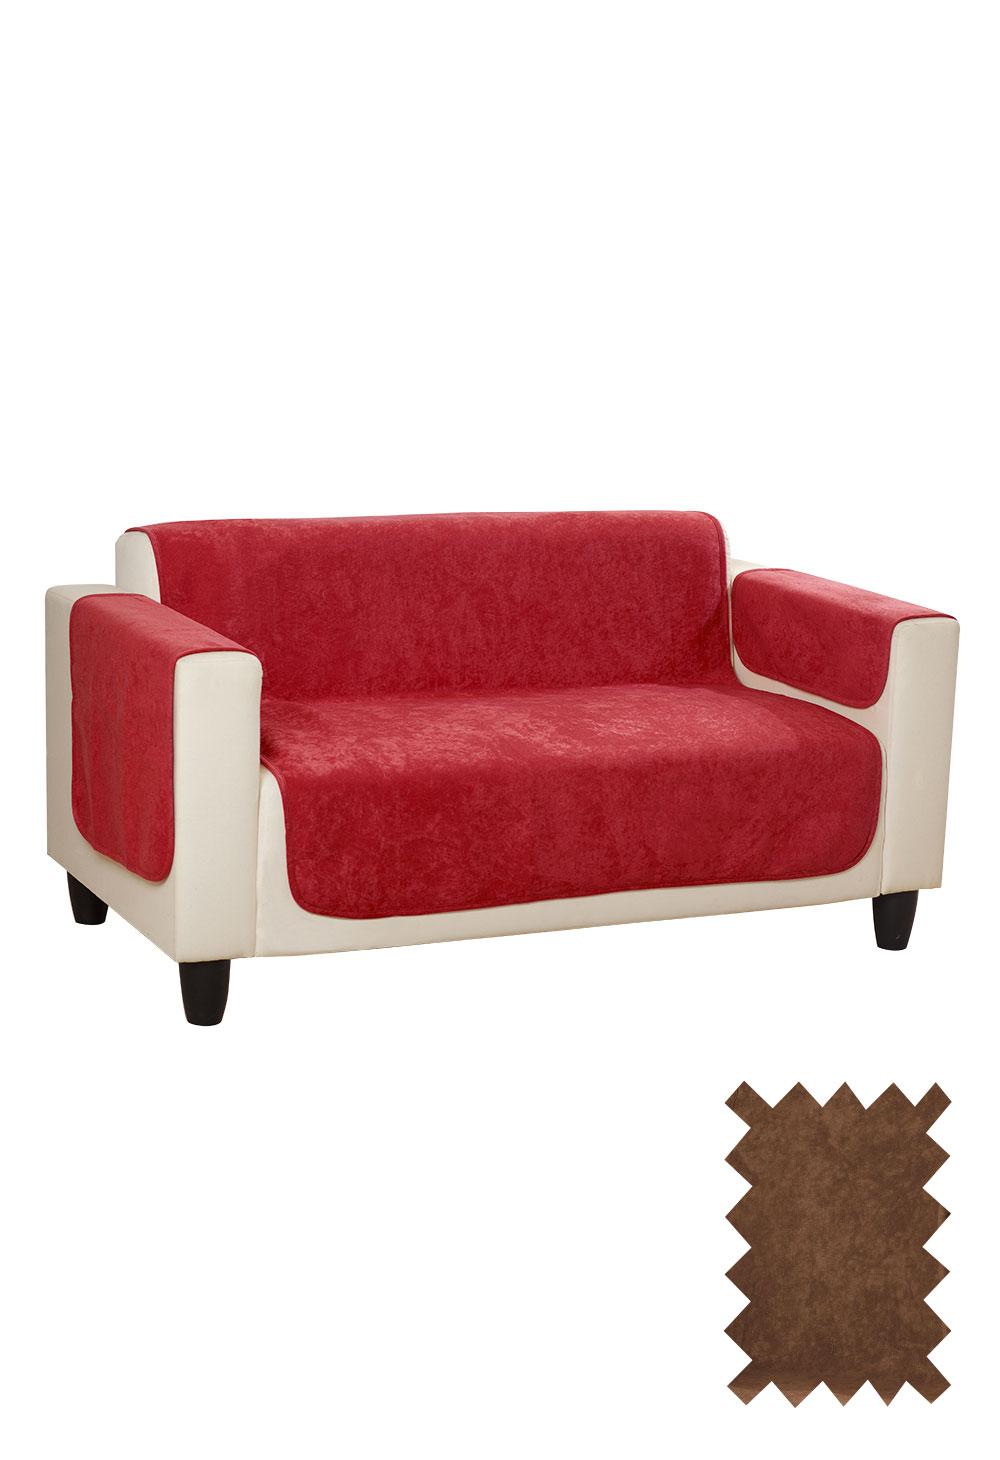 protection antiglisse bleu bonheur. Black Bedroom Furniture Sets. Home Design Ideas